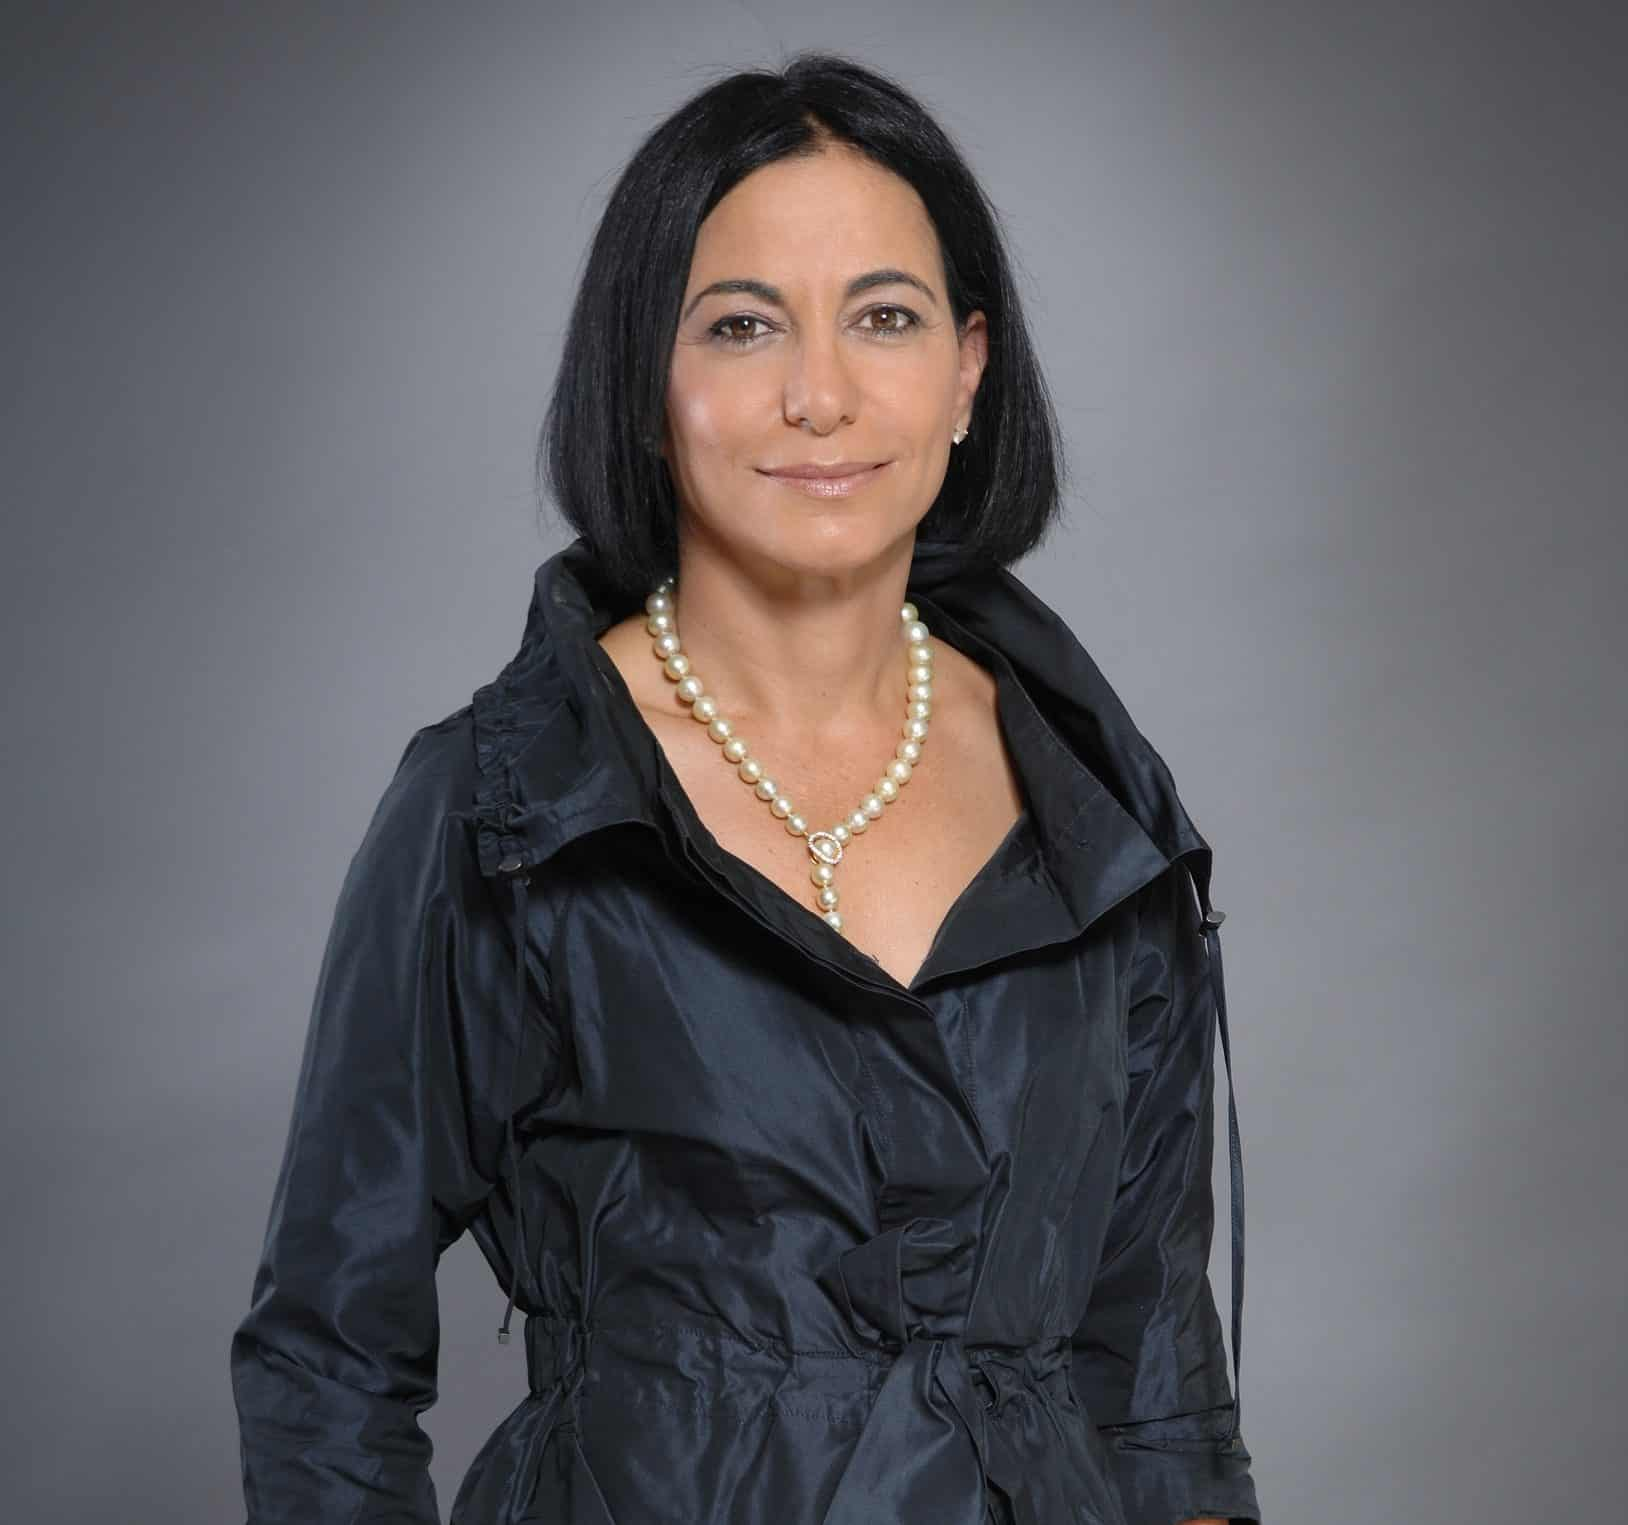 דליה שוסטר בעלים ומנכ